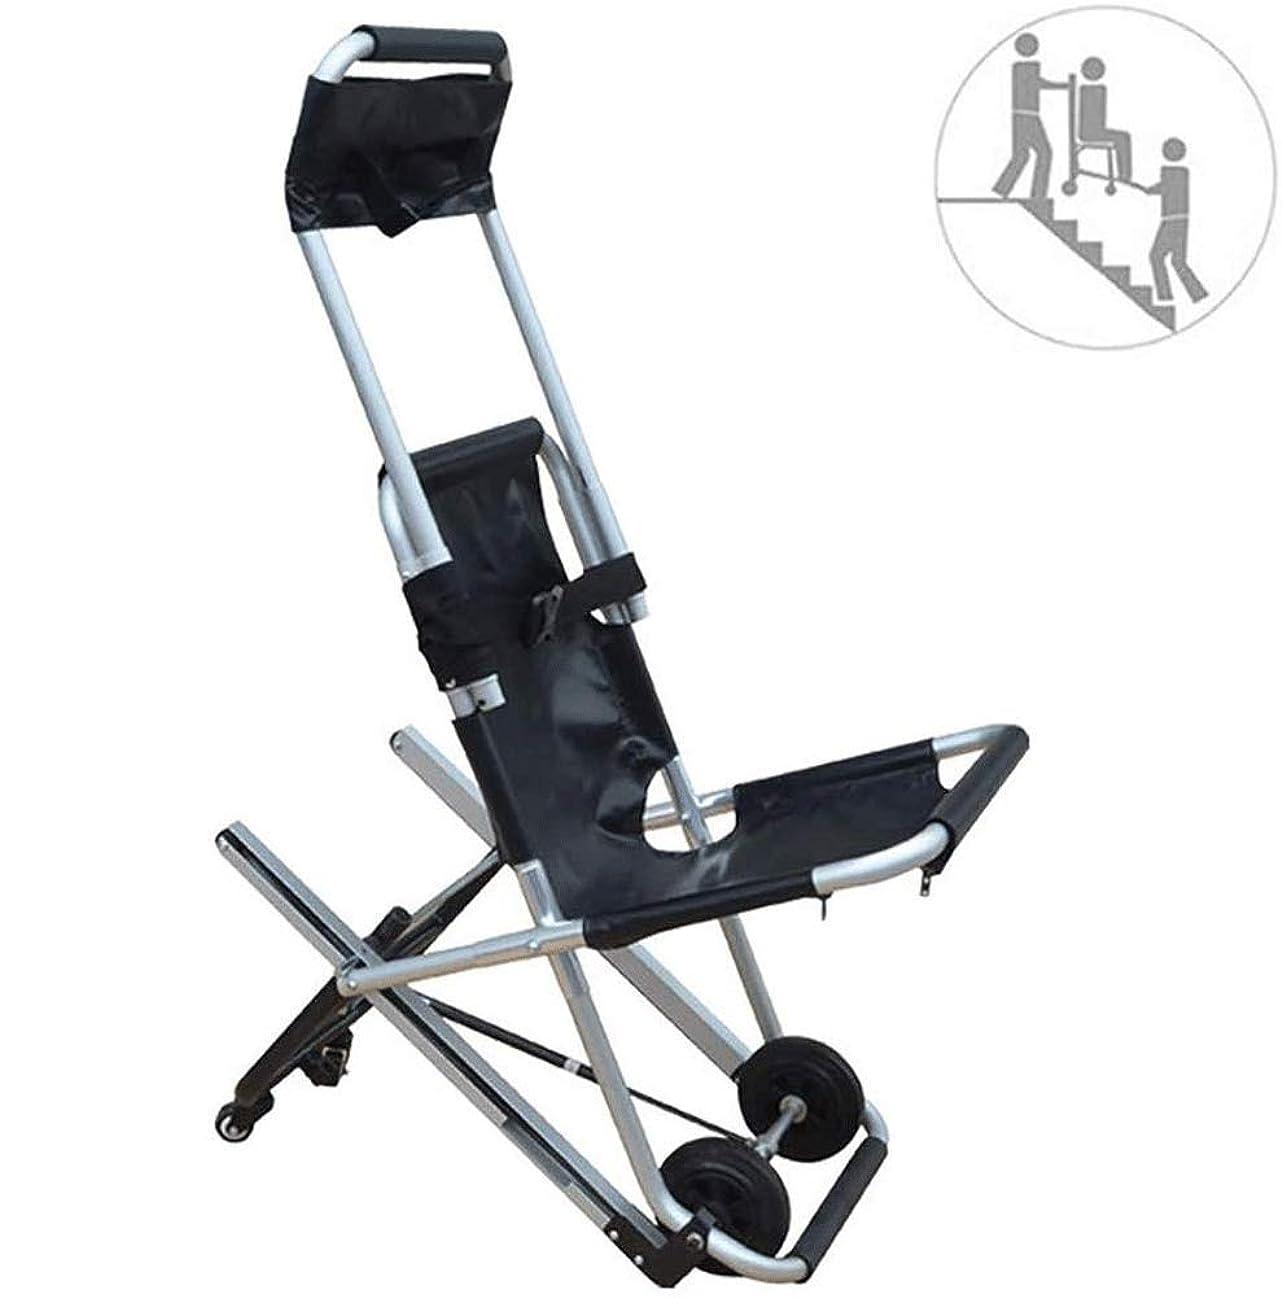 ほめる薬を飲む減る折り畳み式のEMS階段椅子、高齢者、障害者のためのクイックリリースバックル付き4ホイールアルミ軽量医療モビリティエイドで追跡階段チェア (Color : 黒)